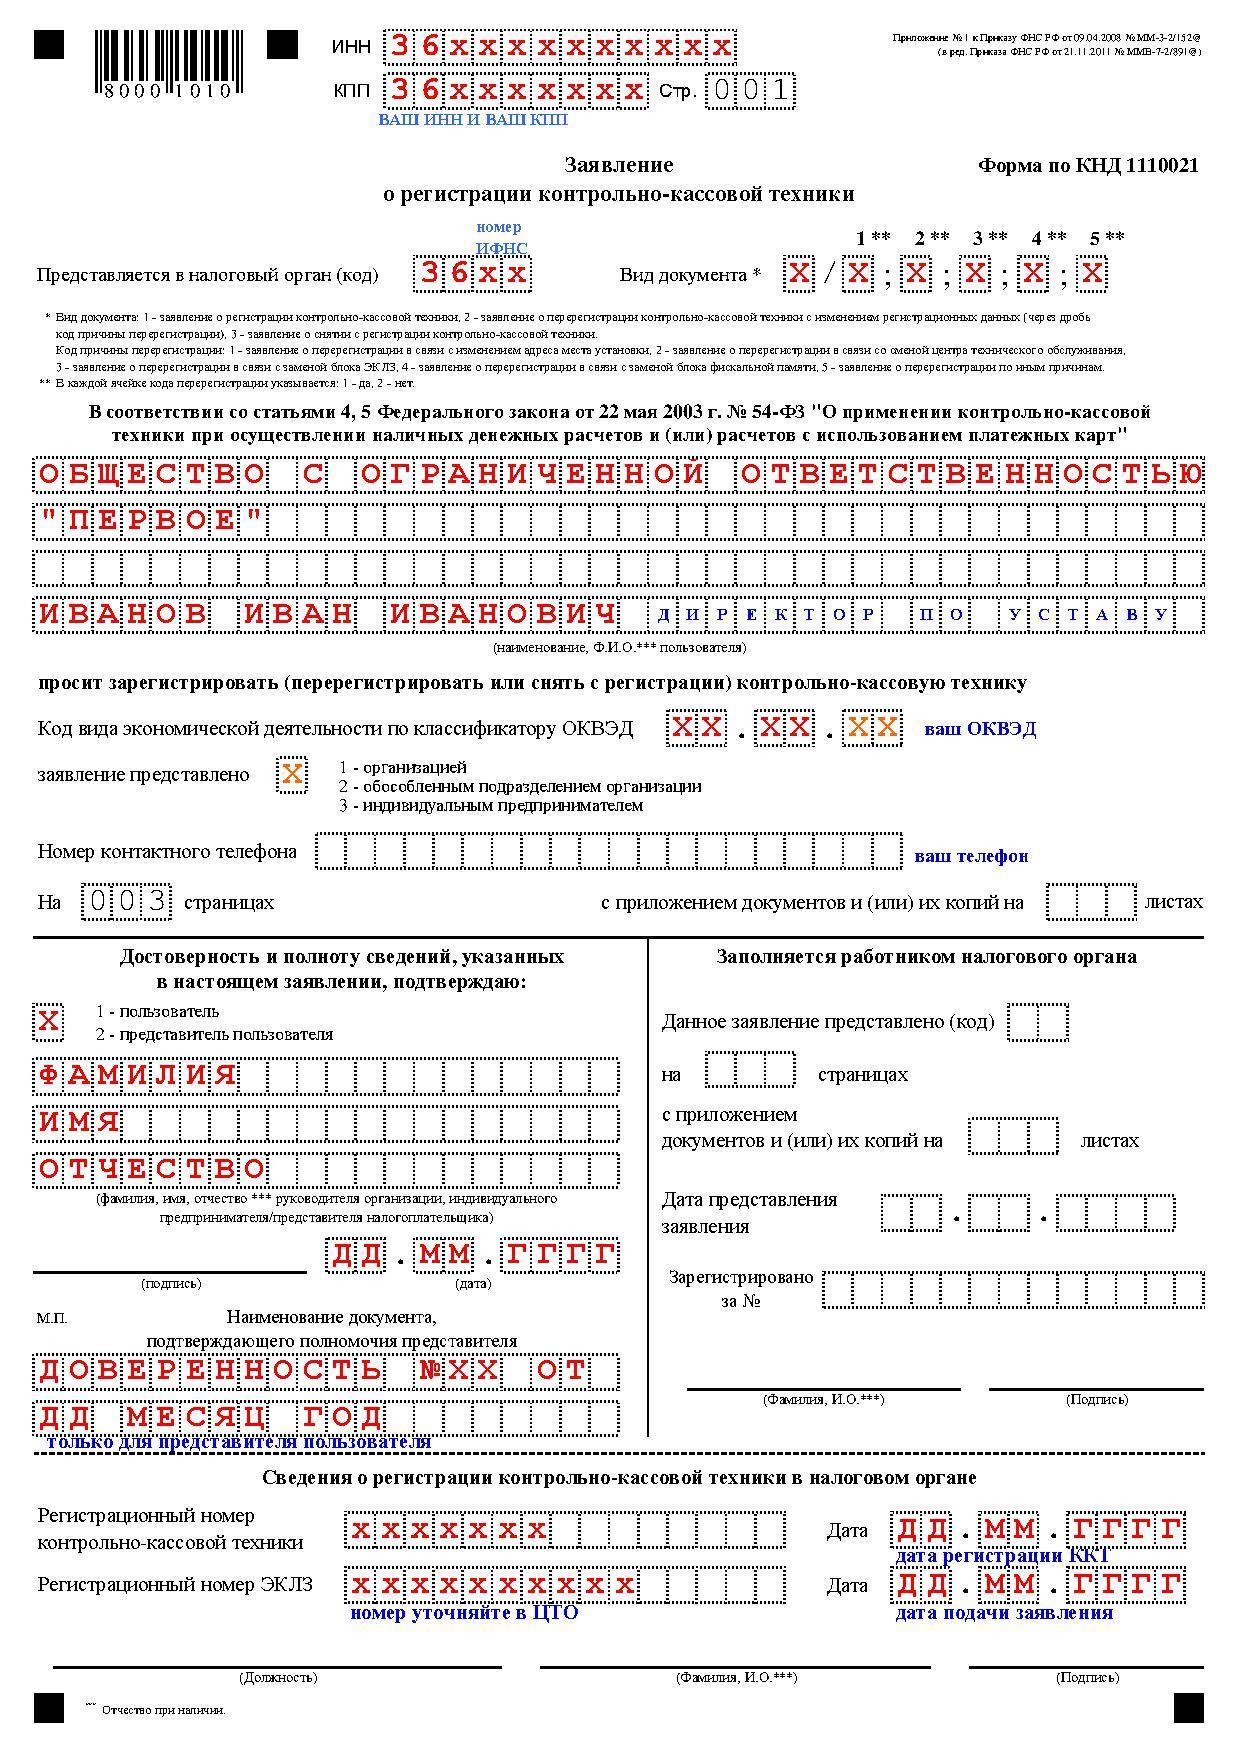 Бланк кнд 1110021 заявления о регистрации ккт 2019 года.